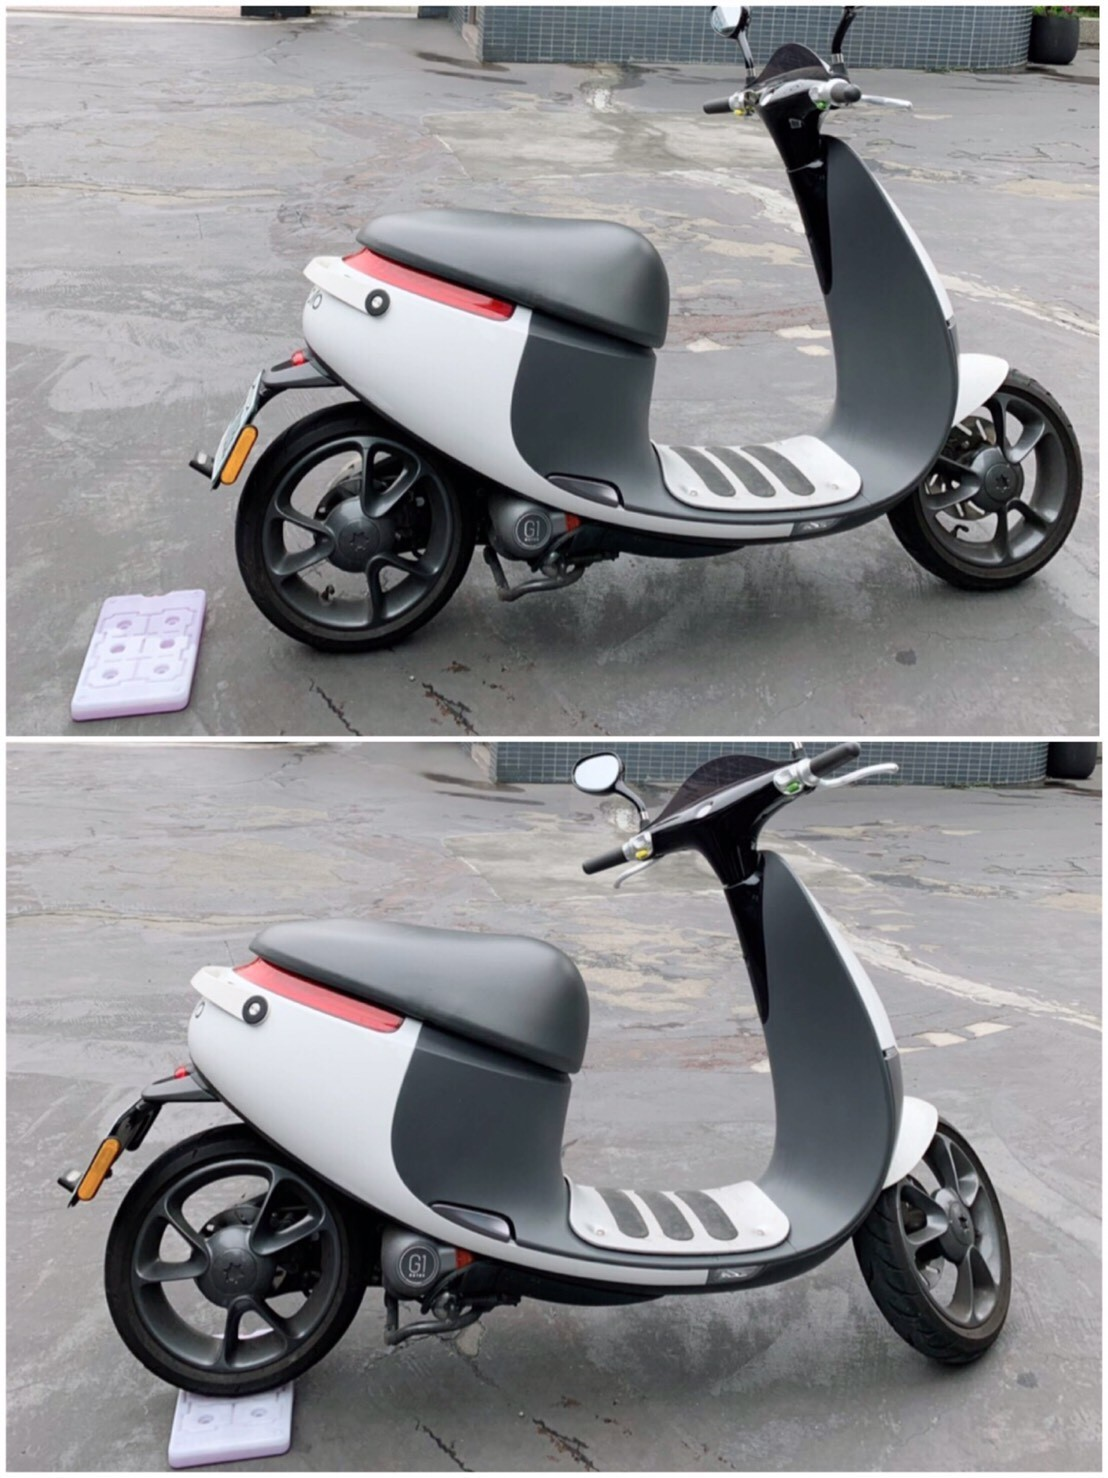 硬殼保冷劑壓力測試-gogoro機車